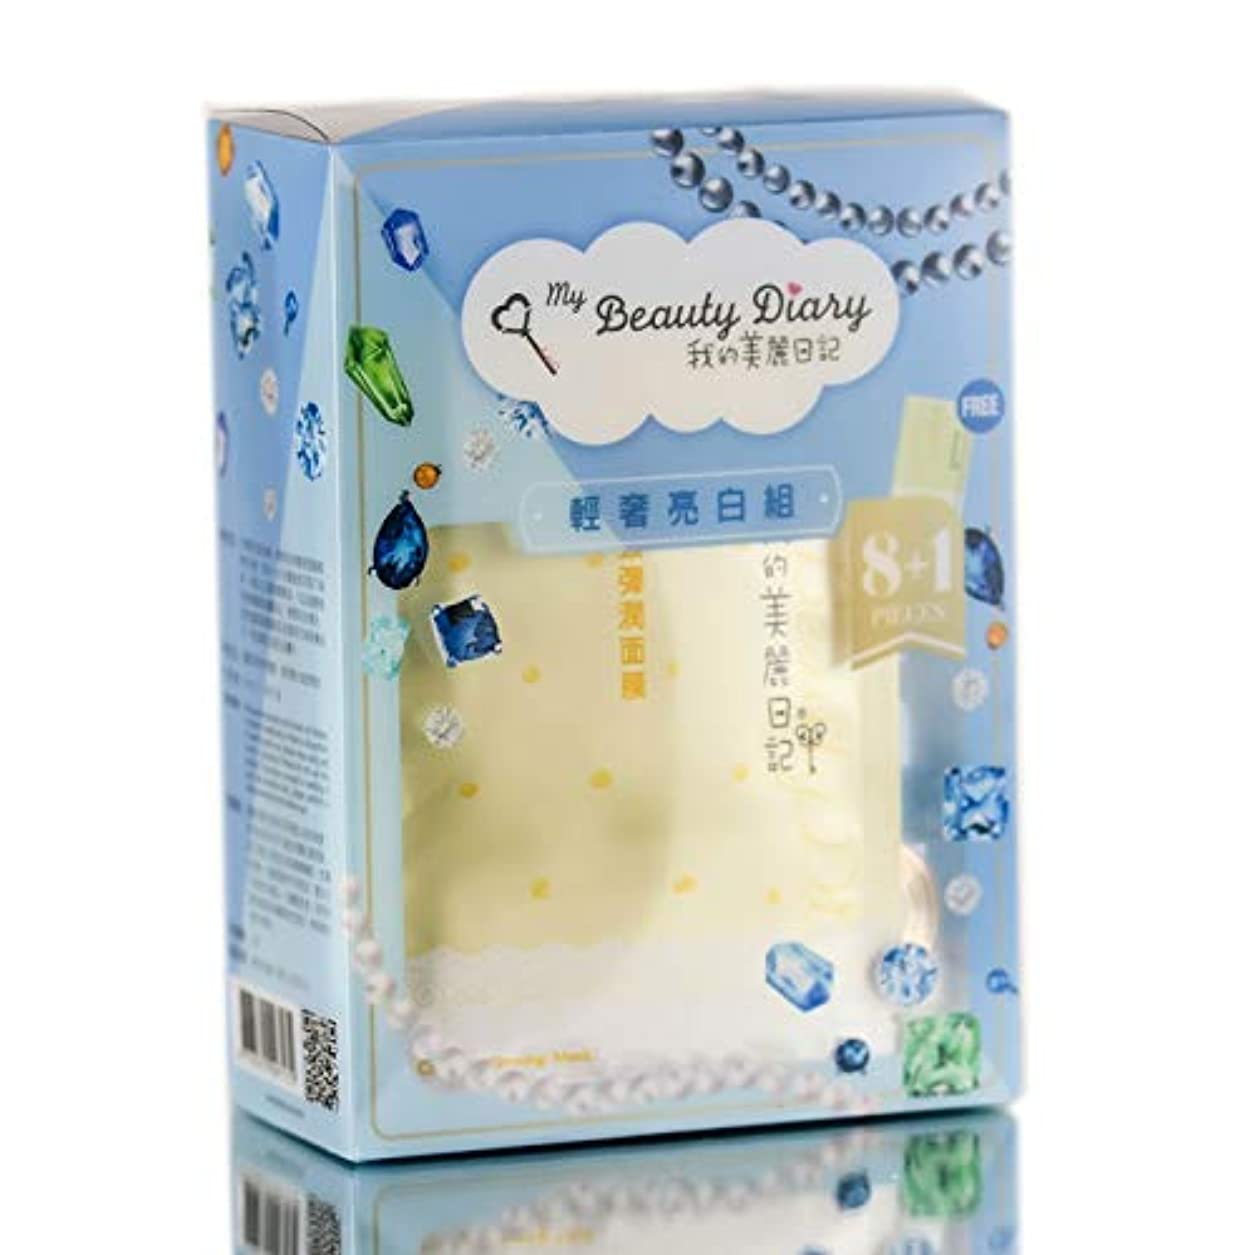 シンポジウムぴかぴか西My Beauty Diary オールインワン81セット-Optionオールインワン